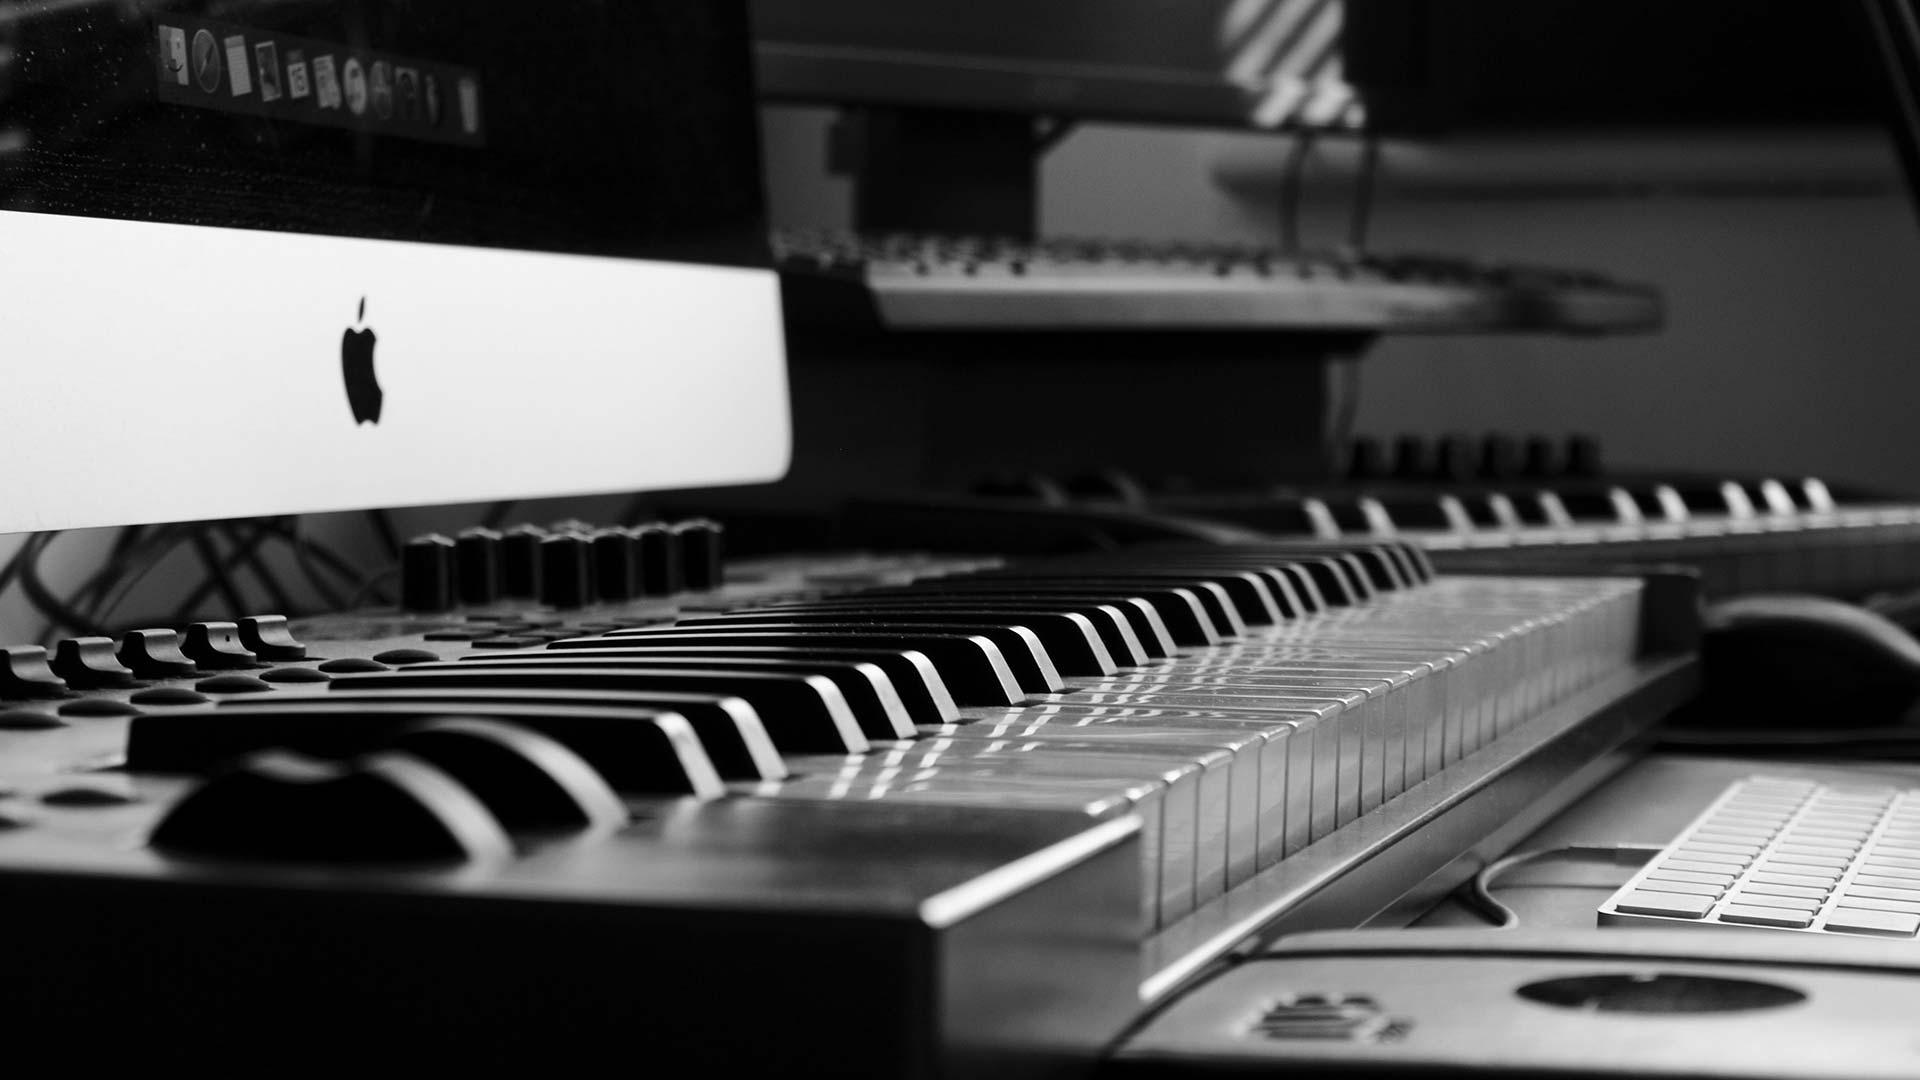 Corso di Composizione Musicale - Corsi di Tecnico del Suono